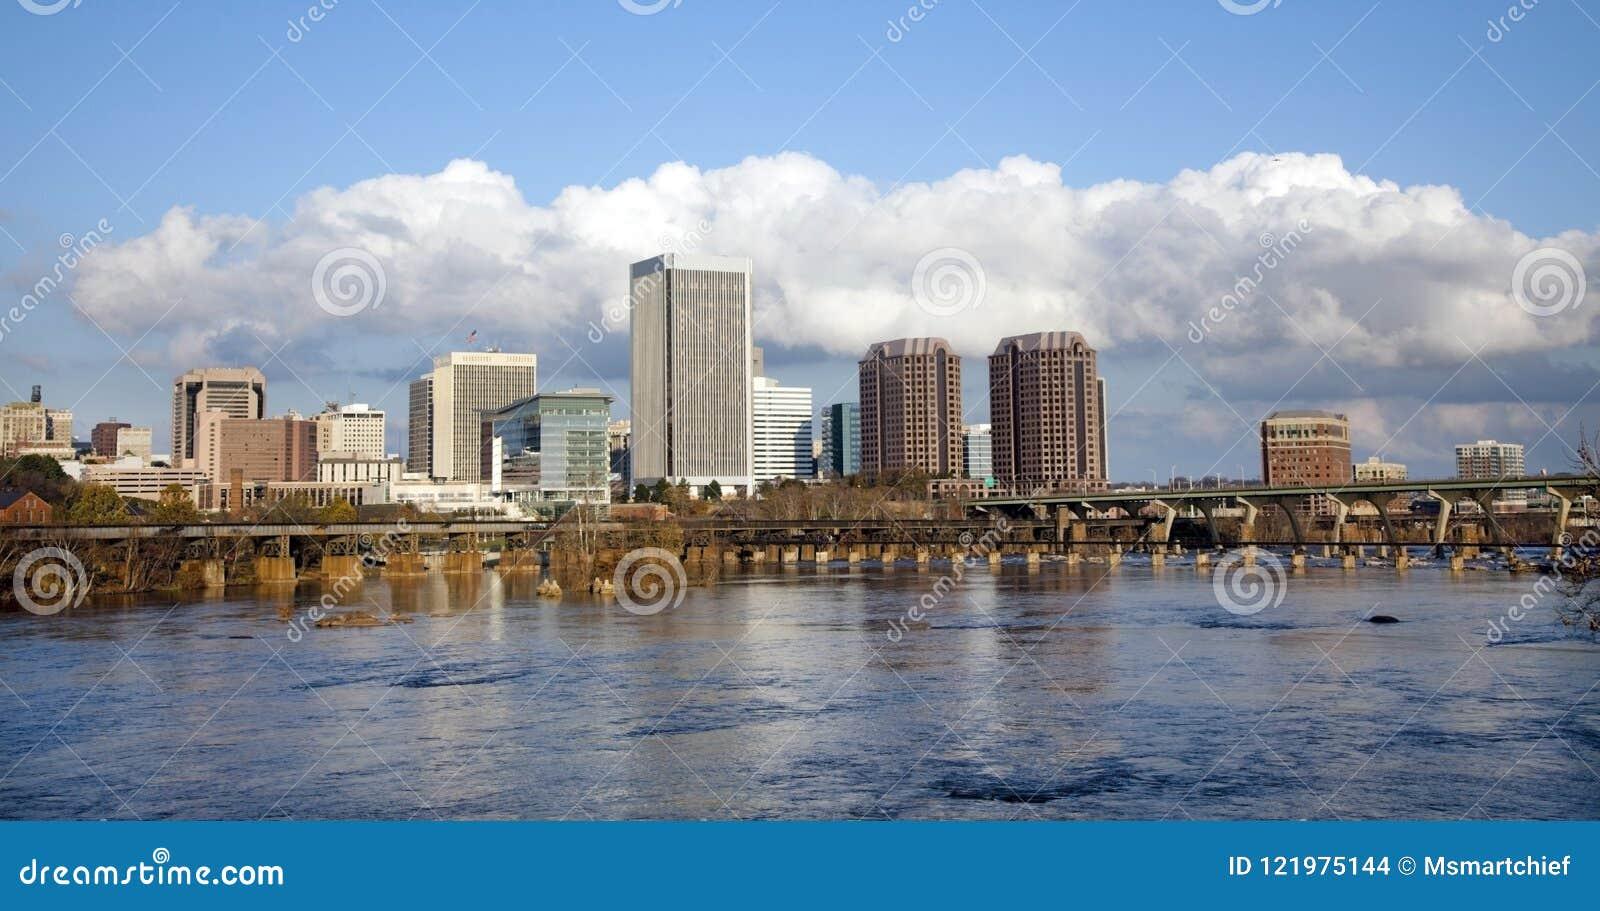 Горизонт Ричмонда, городского пейзажа Вирджинии